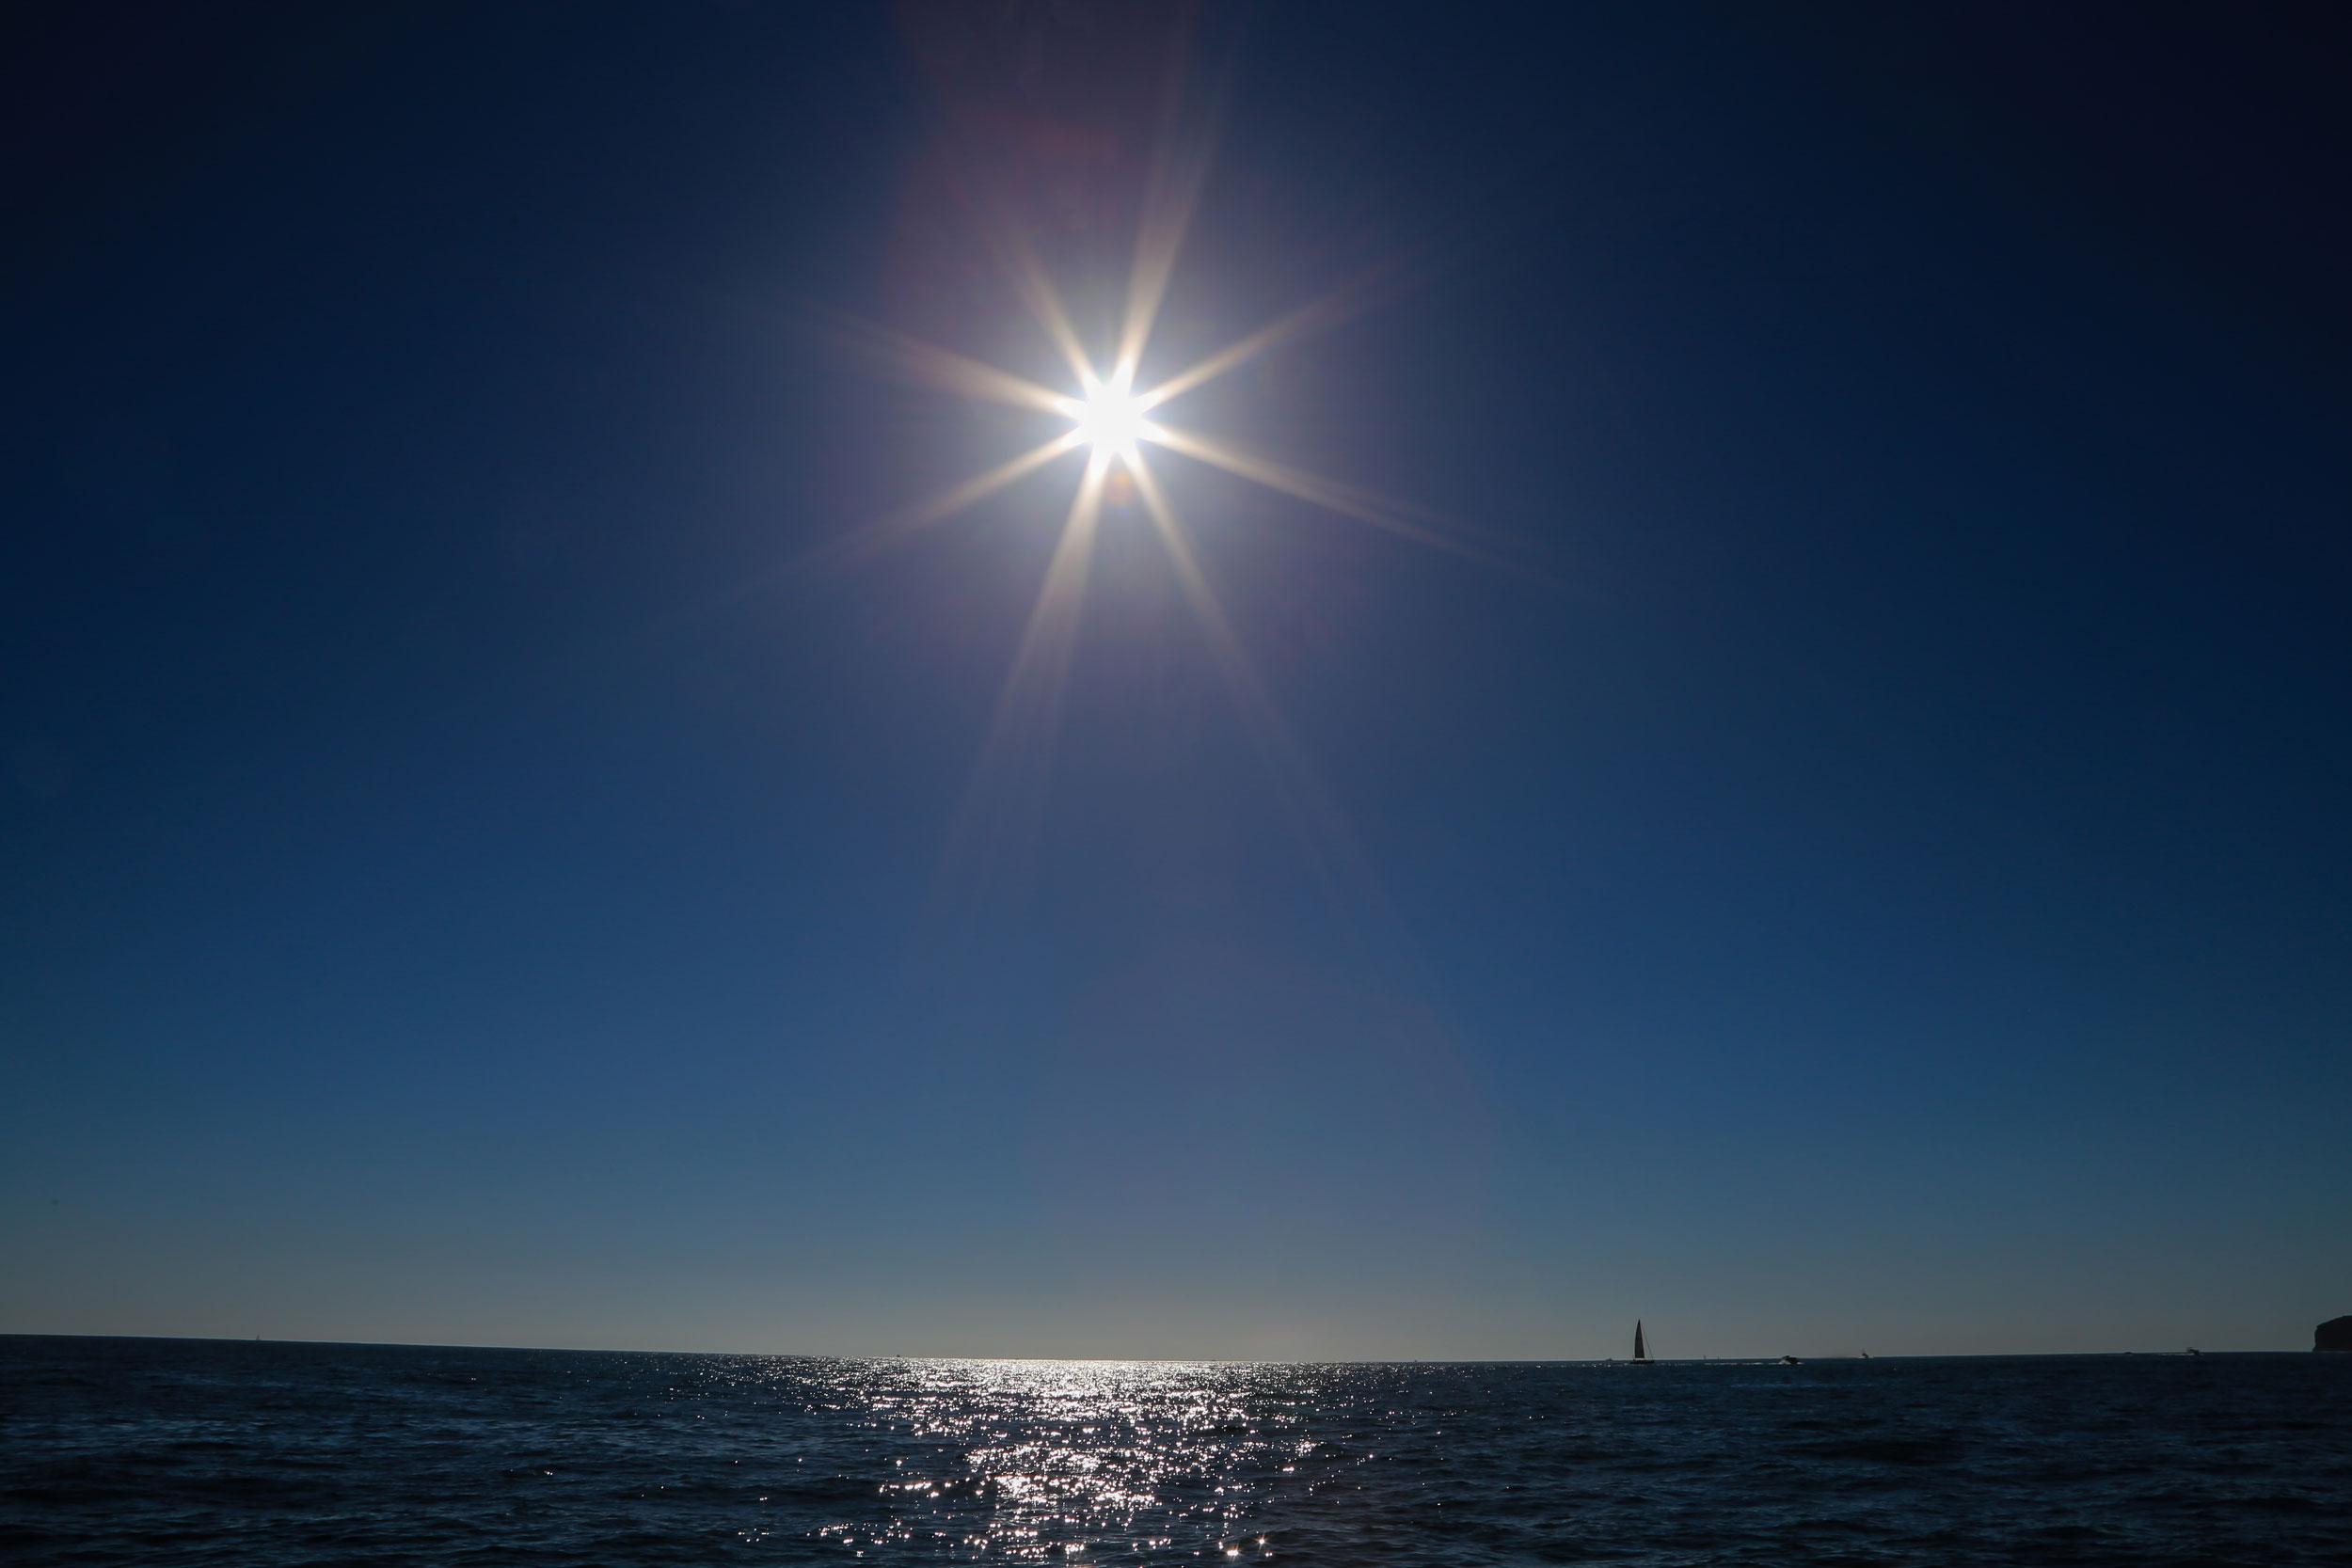 Nature-sun-star.jpg